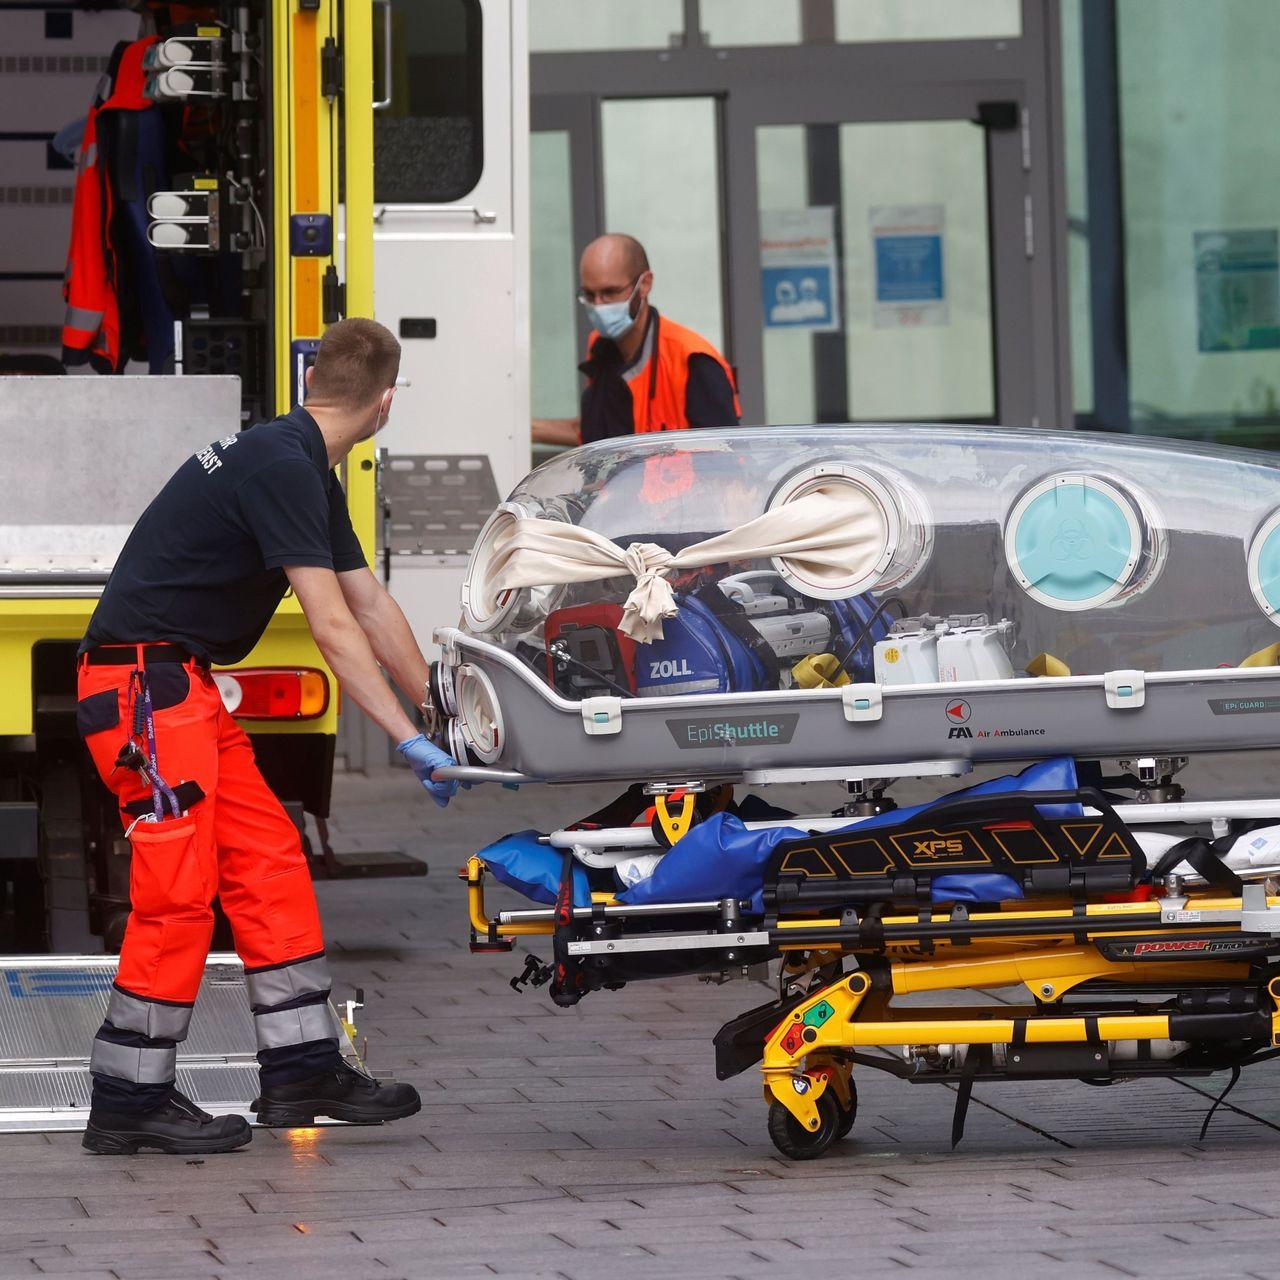 تیم ترور ولادیمیر پوتین سعی داشتند اصلی ترین و «ترسناک ترین رقیب» رییس جمهور روسیه را در شرایطی که در بیمارستان در کما به سر می برد به قتل برسانند.